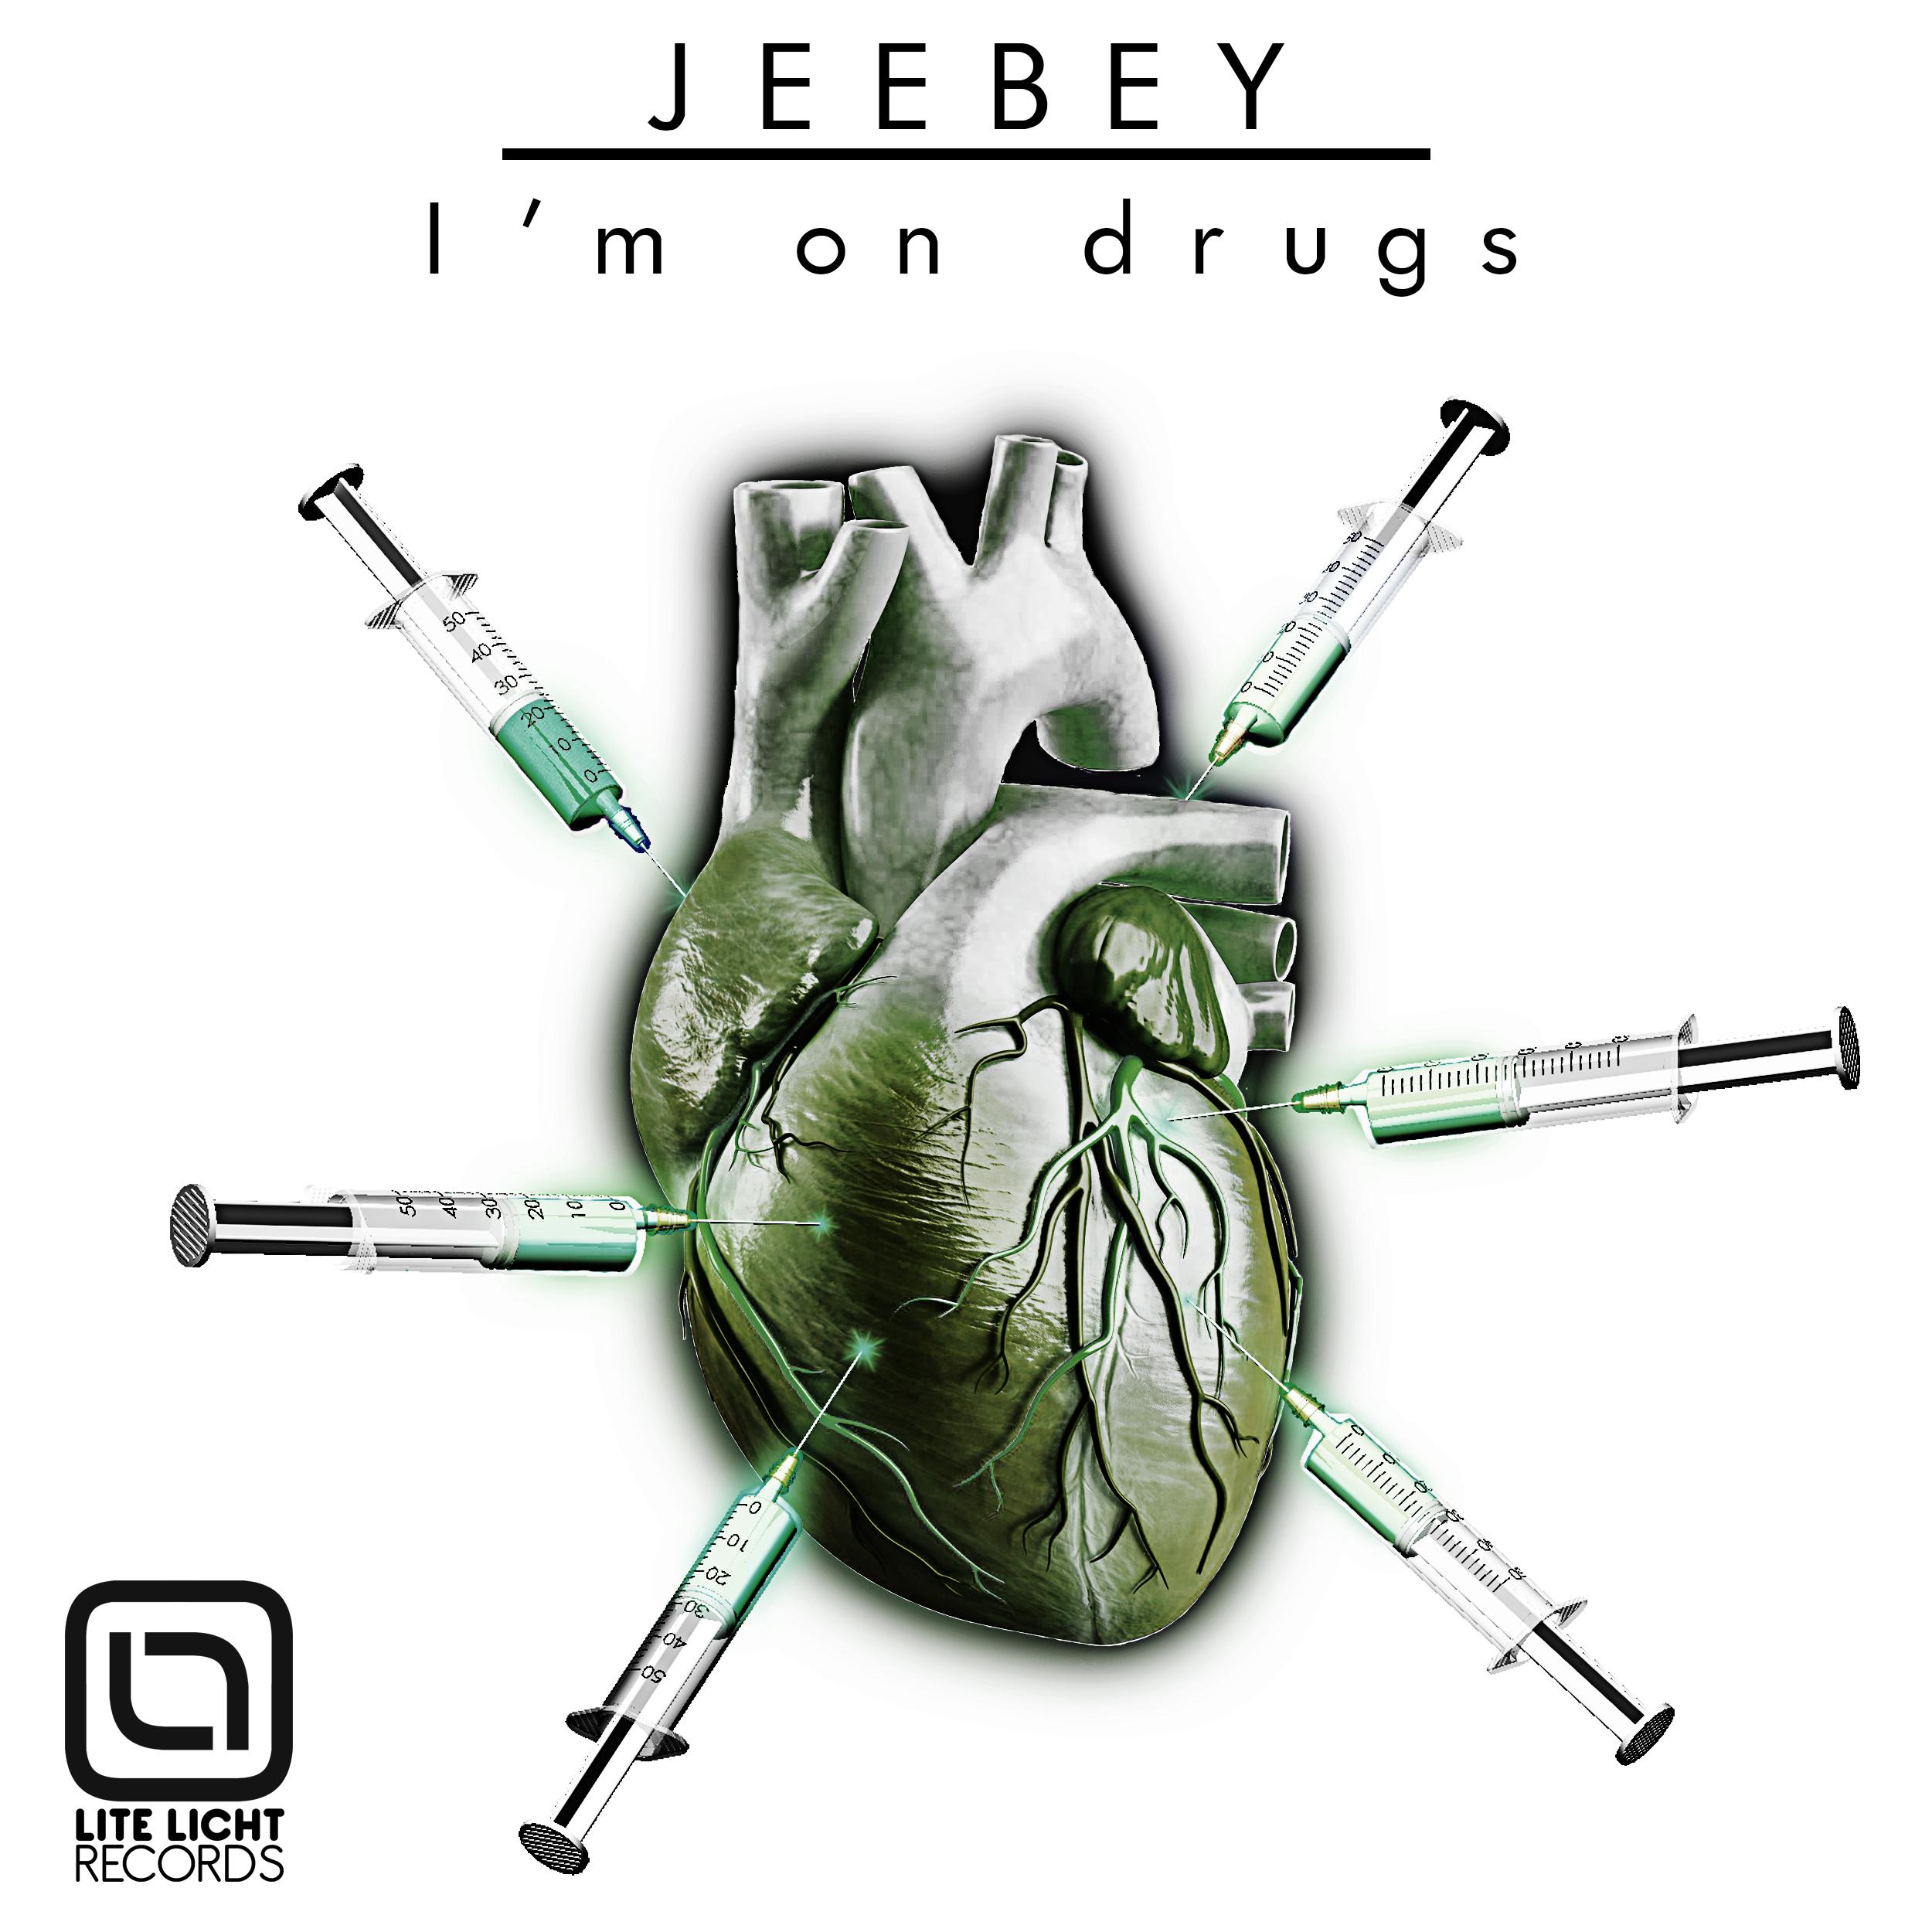 Jeebey - I'm on drugs